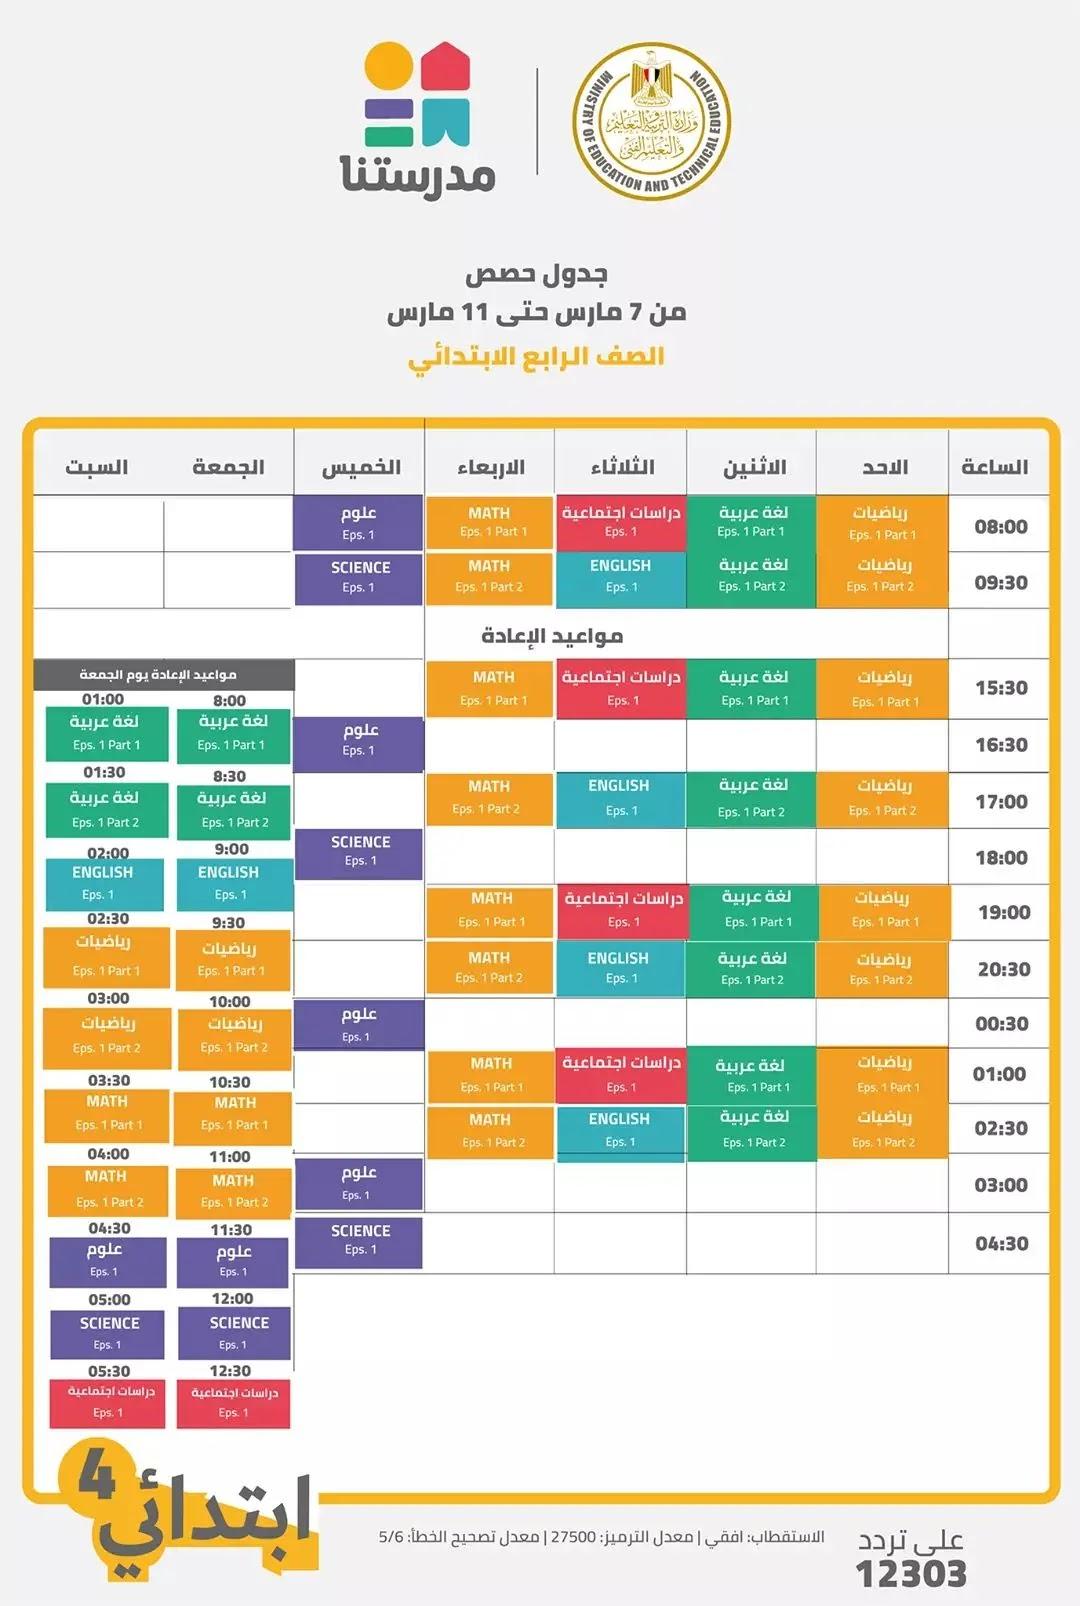 جدول قناة مدرستنا الصف الرابع الابتدائي  الفترة 7 الي 11 مارس